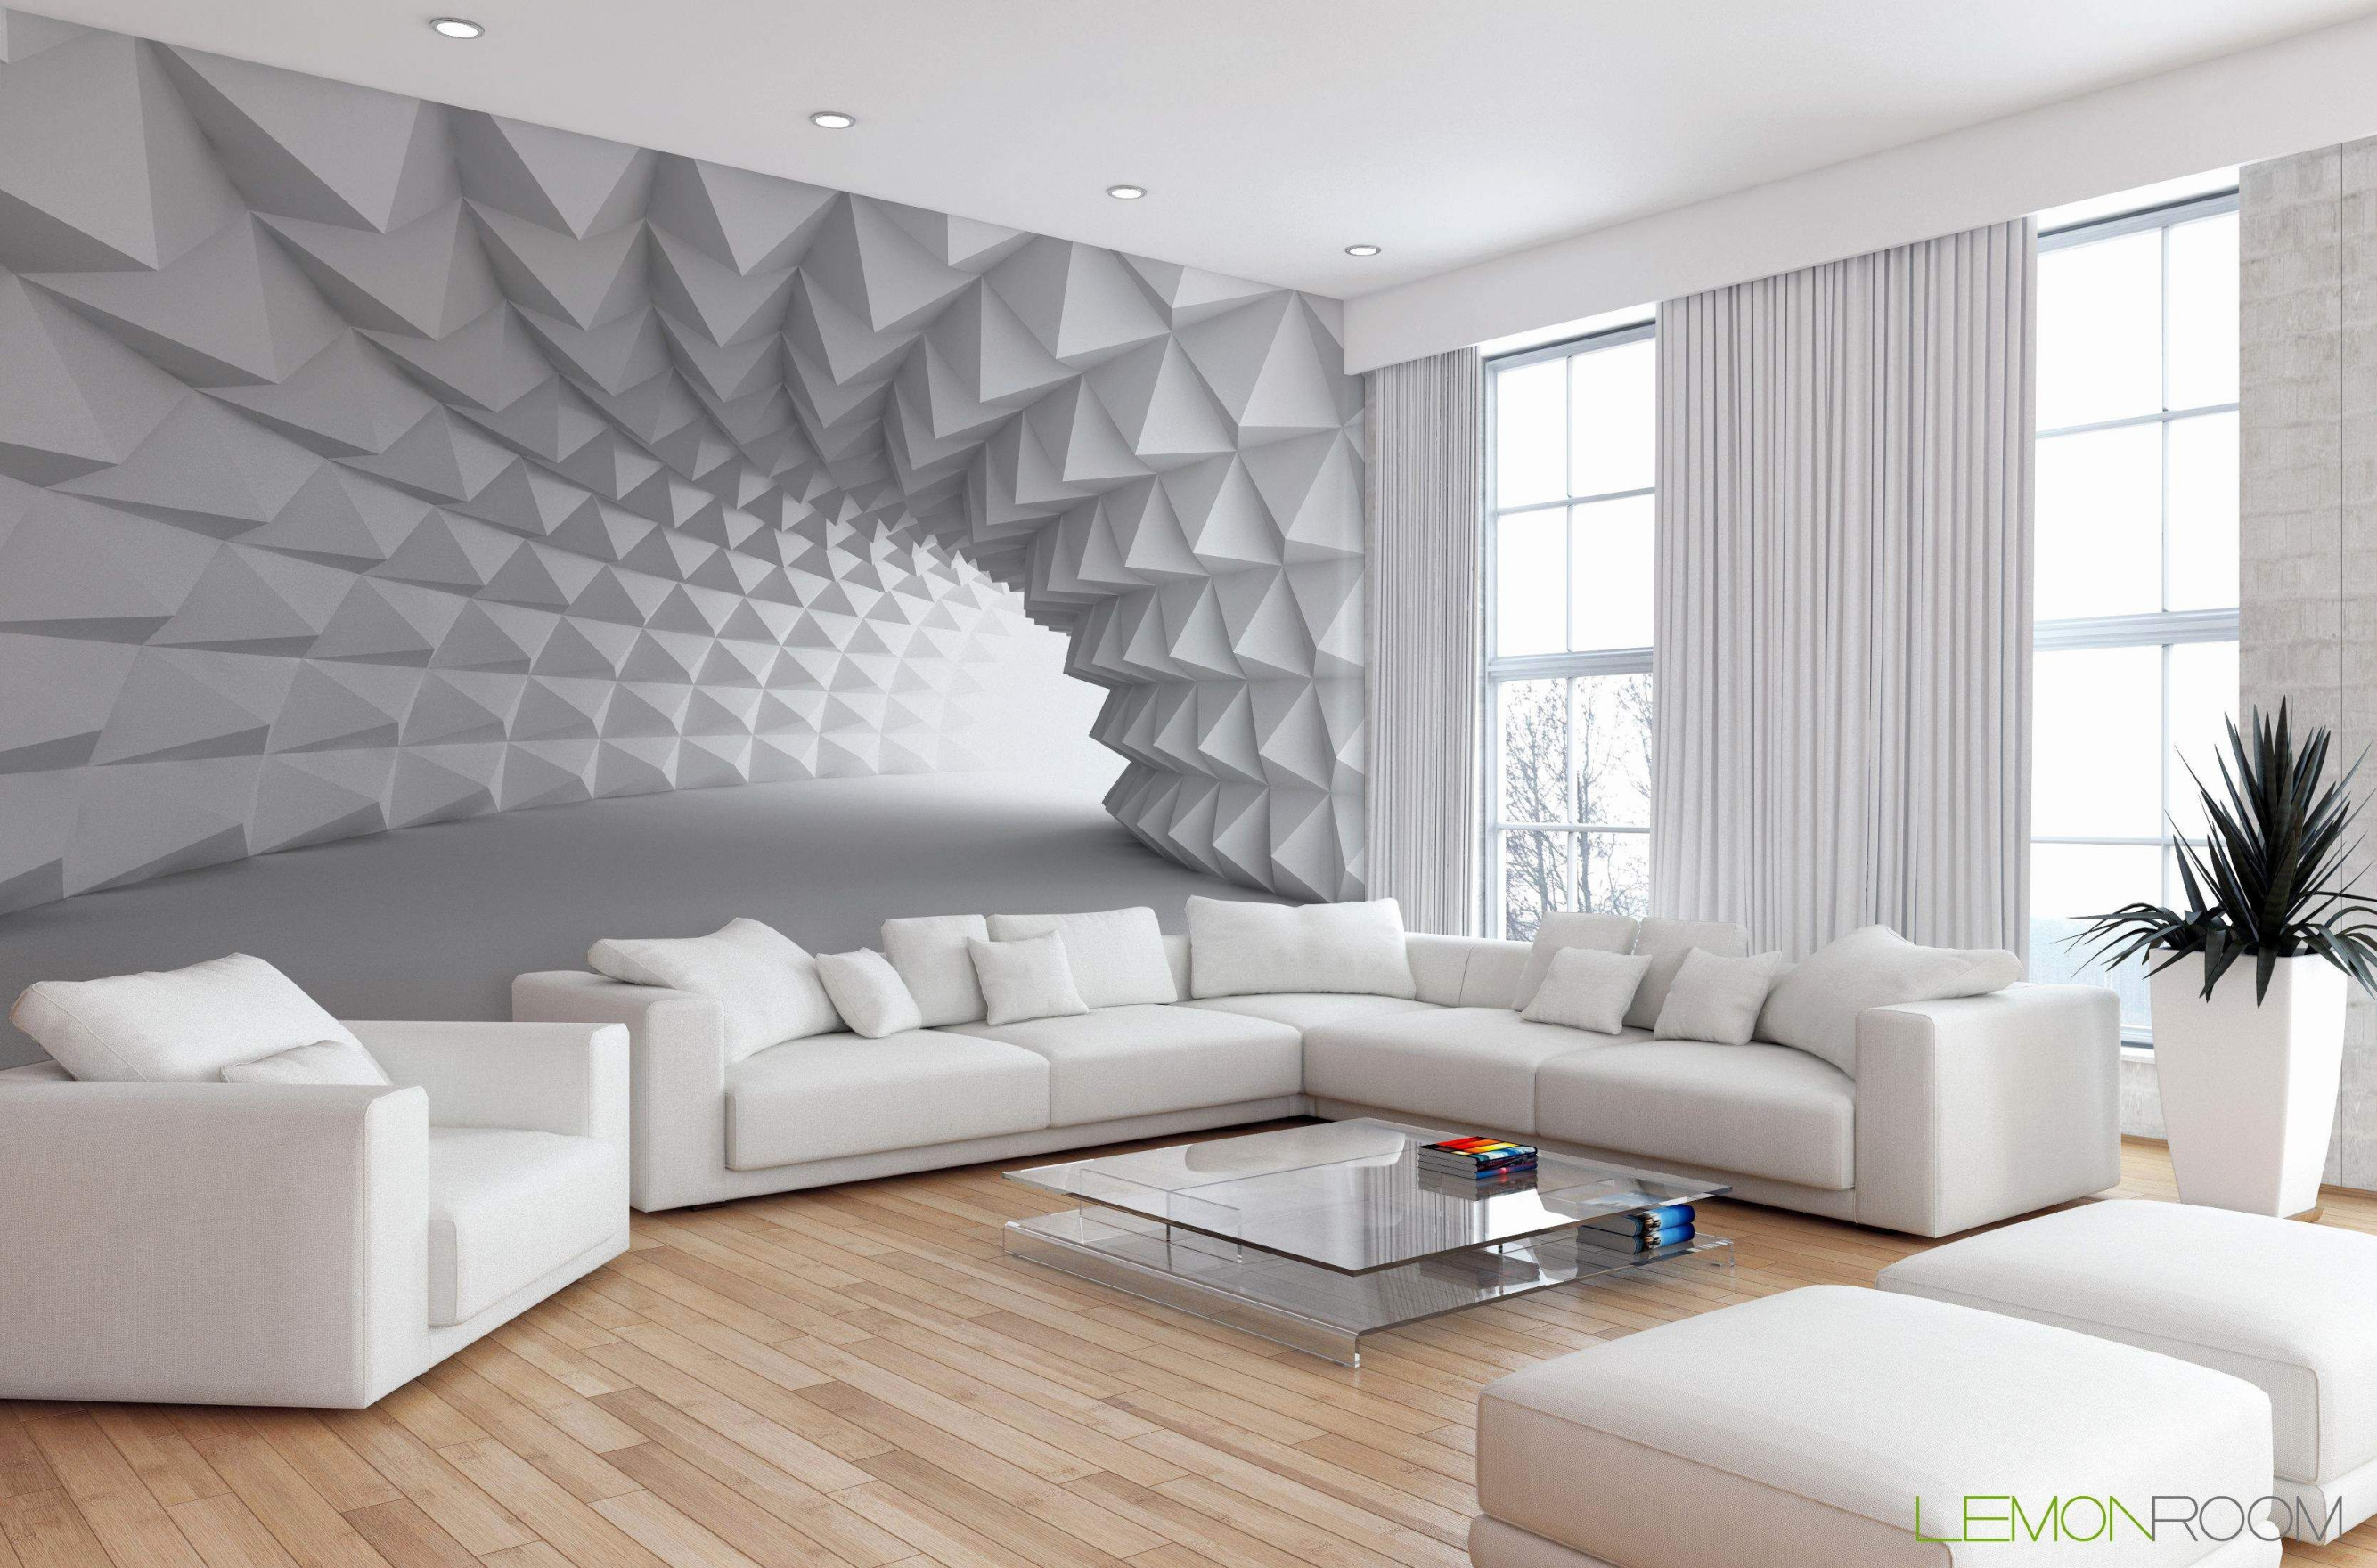 Moderne Wohnzimmer Tapeten Schön 31 Inspirierend Moderne von Tapeten Bilder Wohnzimmer Bild